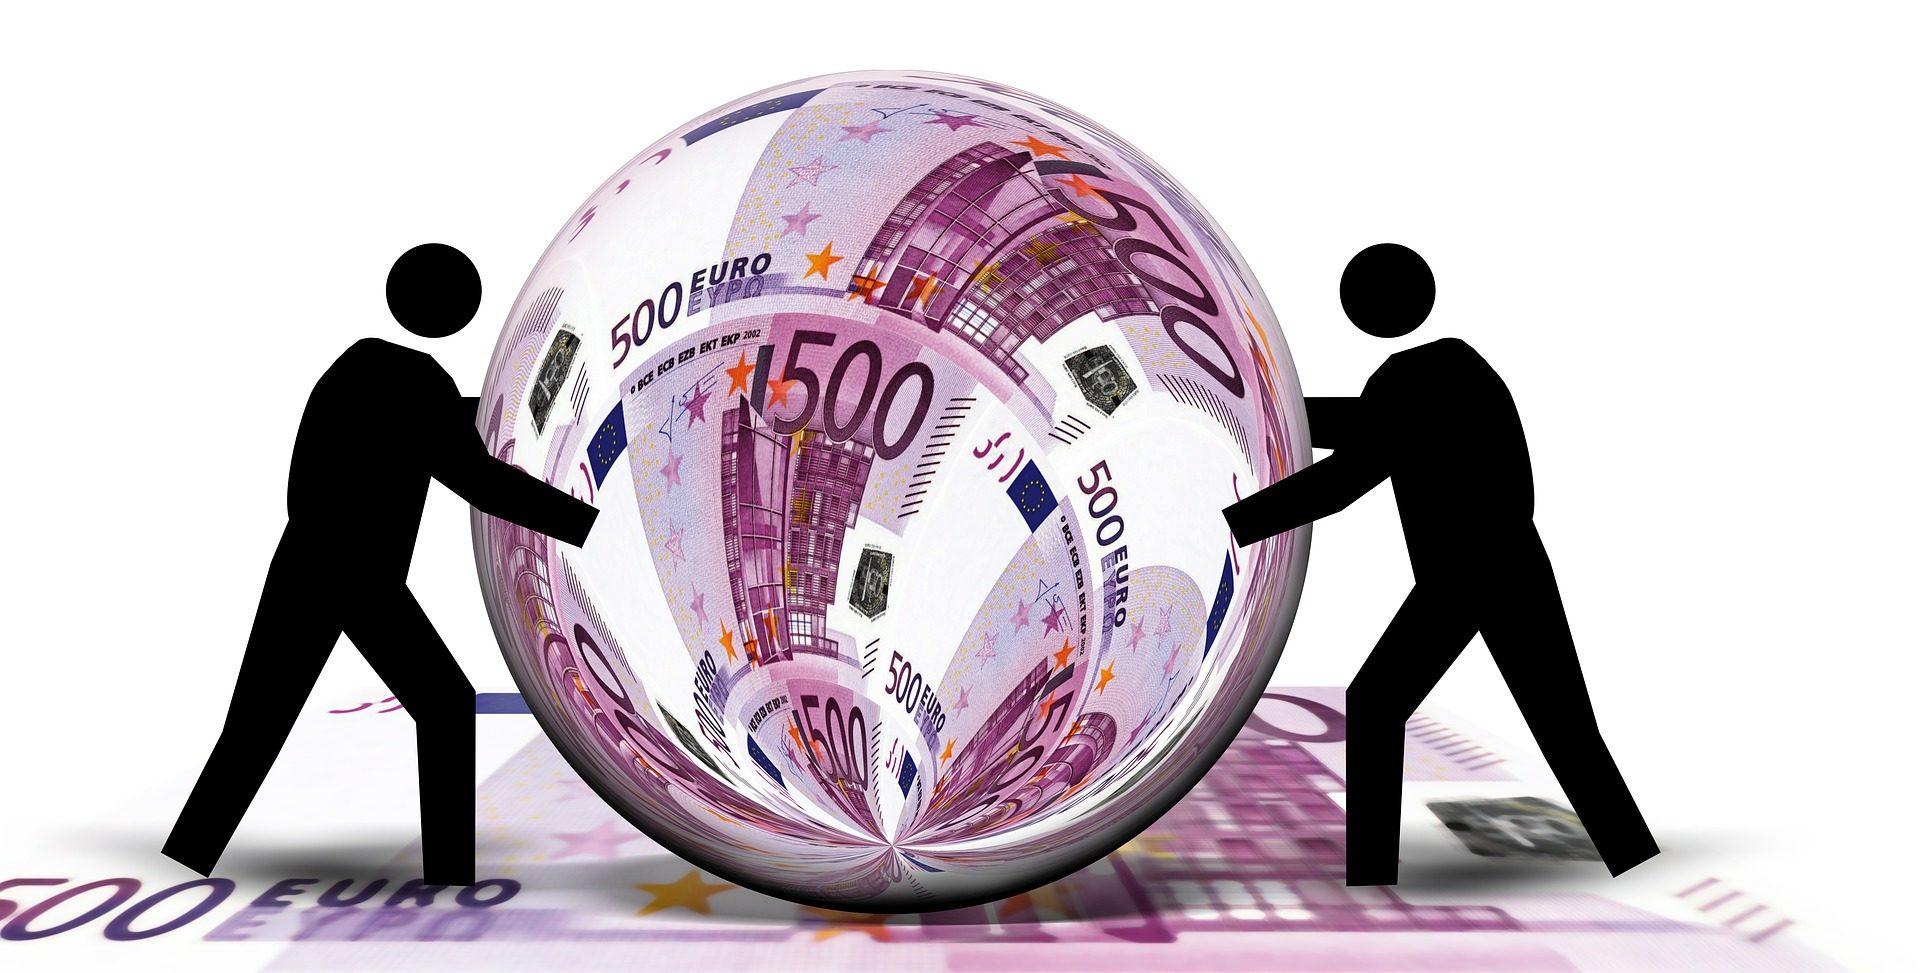 EUROS BALON PERSONAS 1